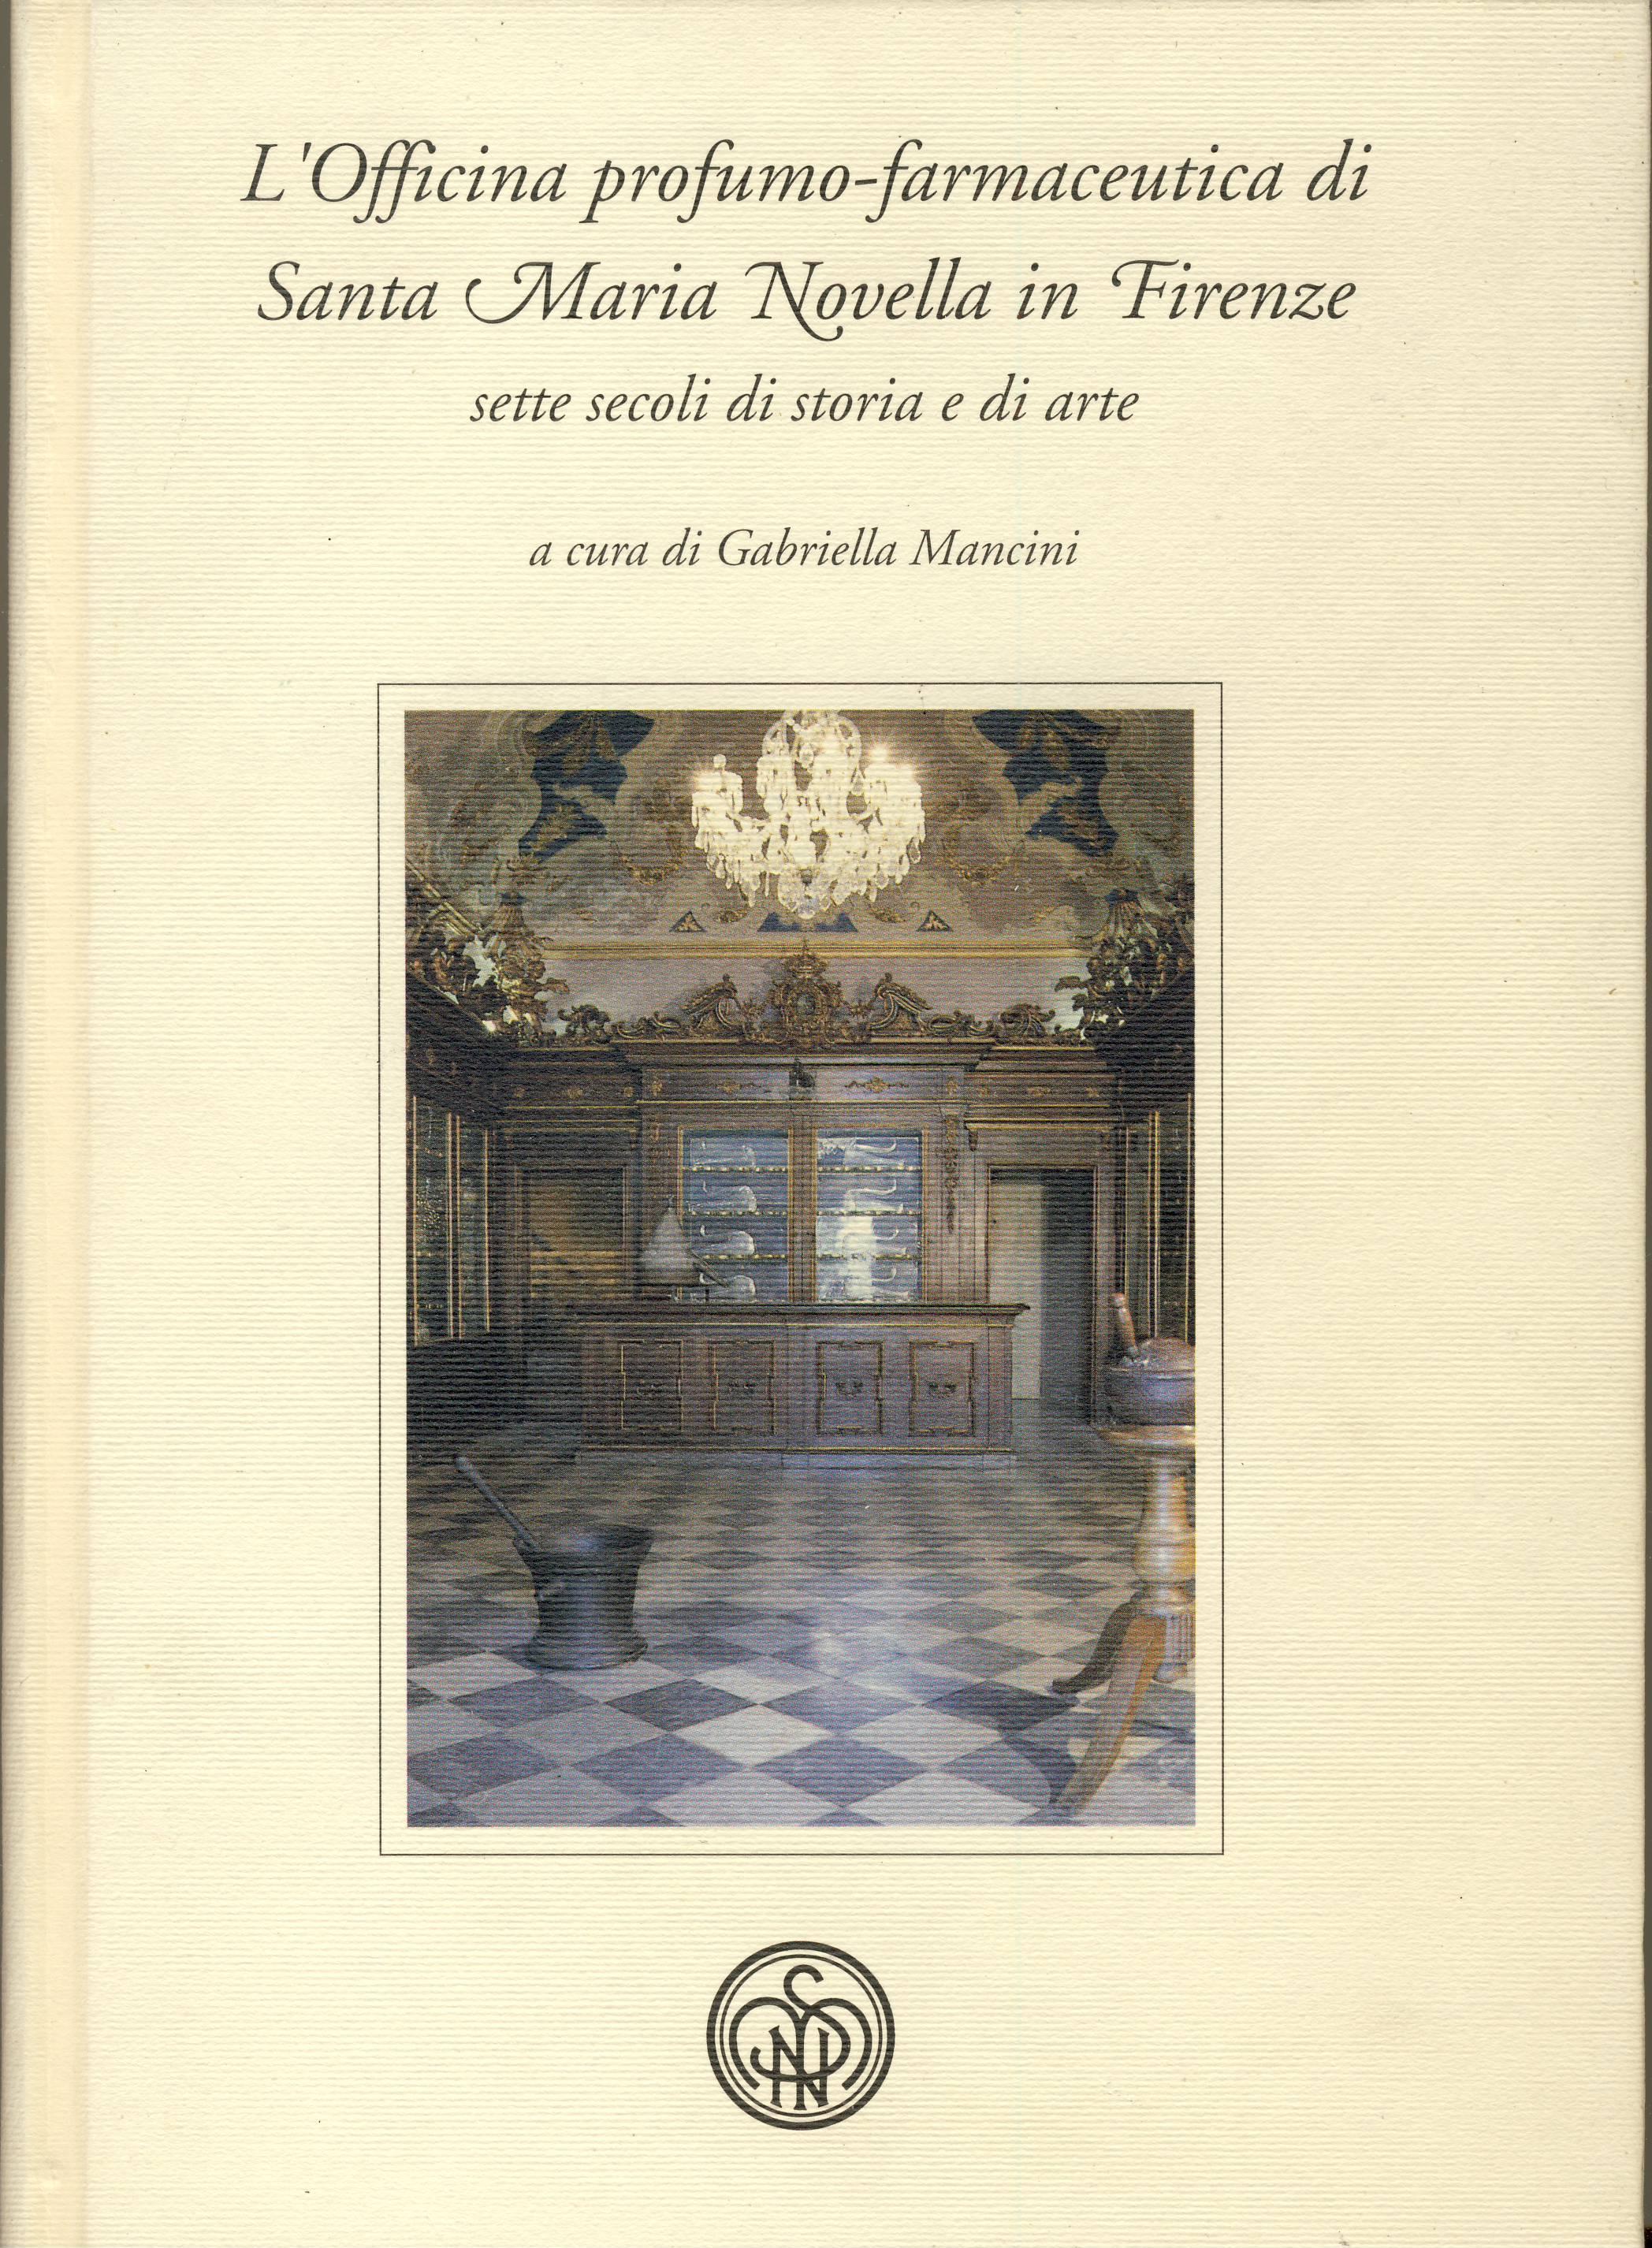 L'Officina profumo-farmaceutica di Santa Maria Novella in Firenze